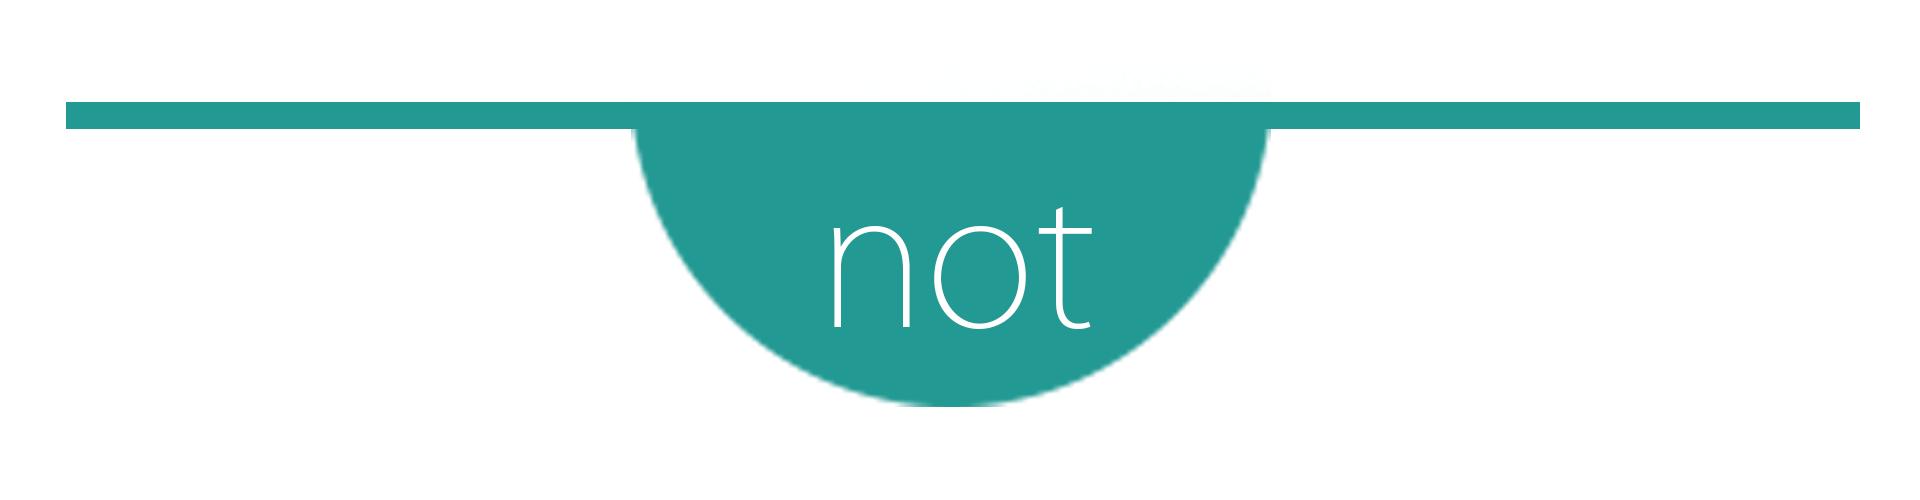 Not-banner